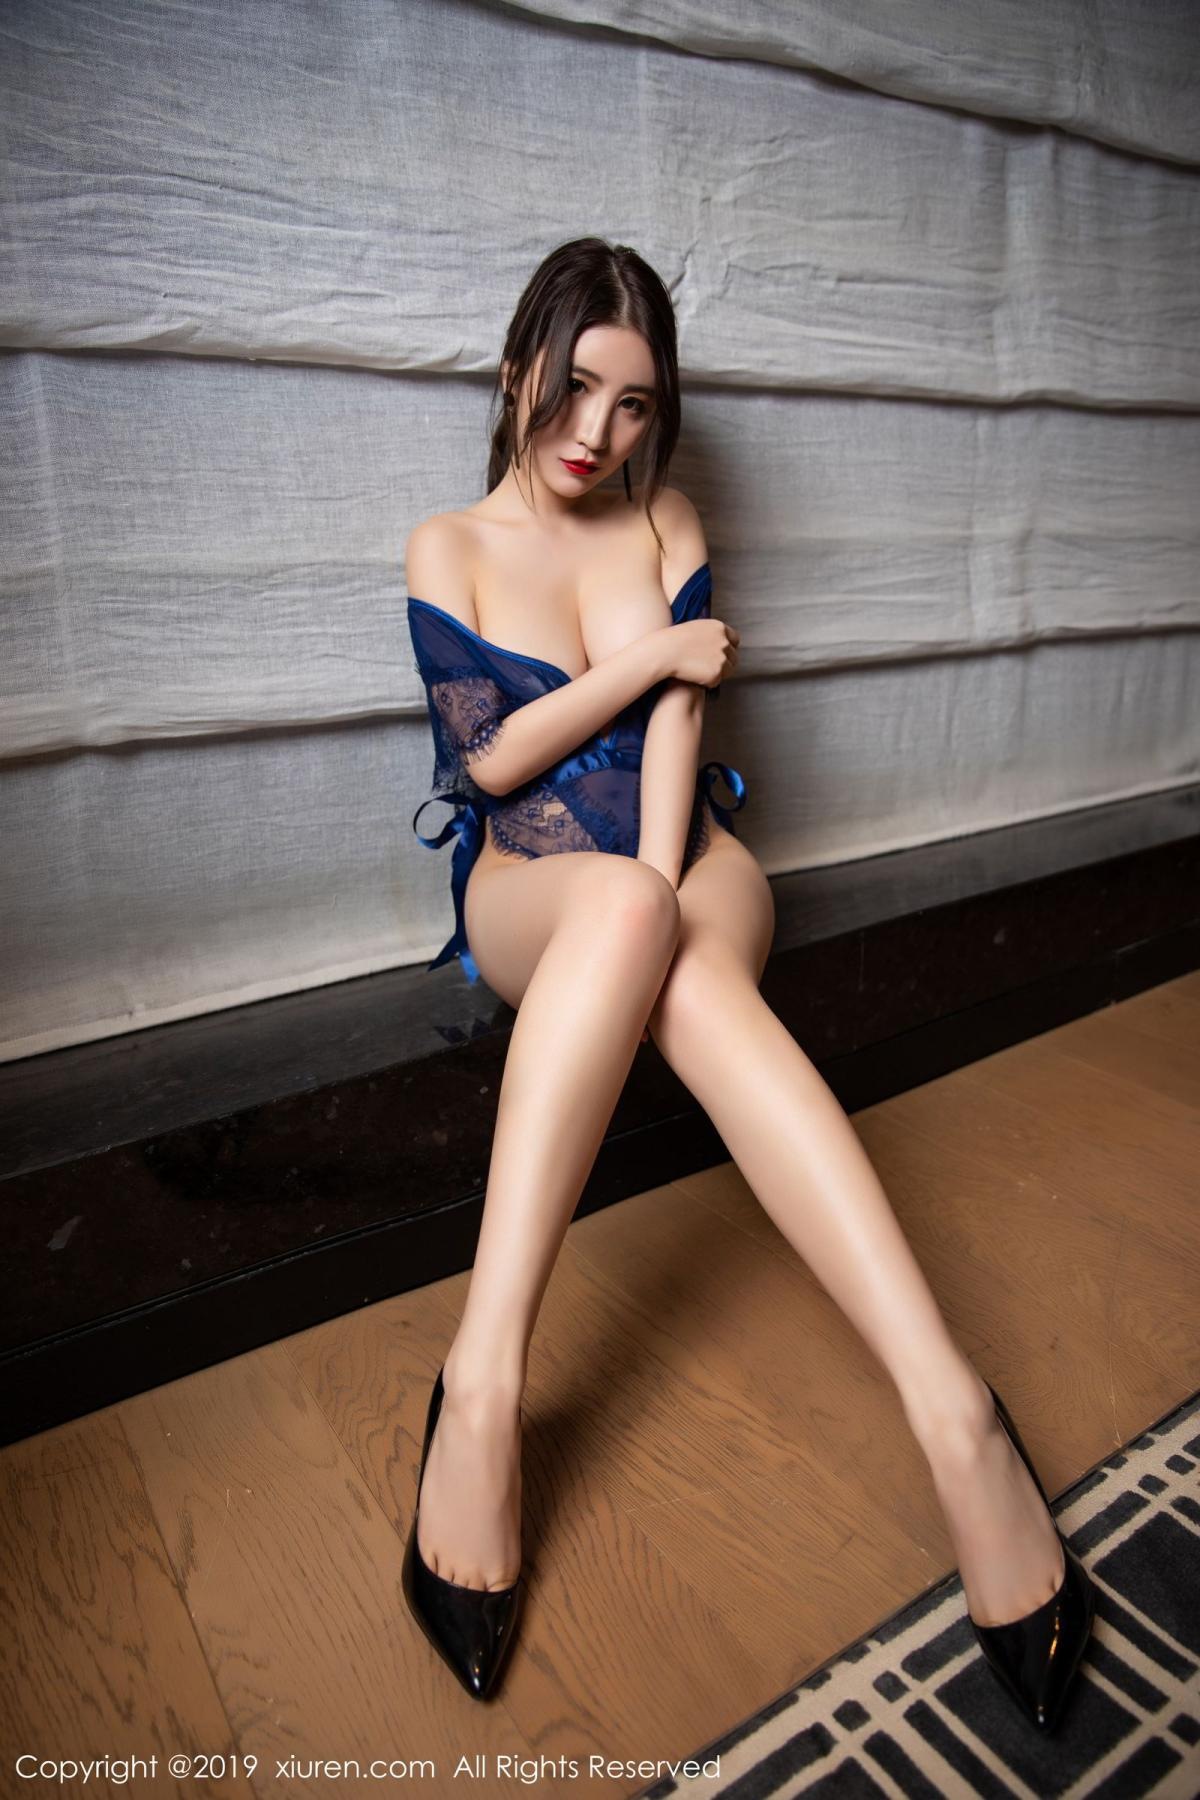 [XiuRen] Vol.1589 Xie Zhi Xin 52P, Sexy, Underwear, Xie Zhi Xin, Xiuren